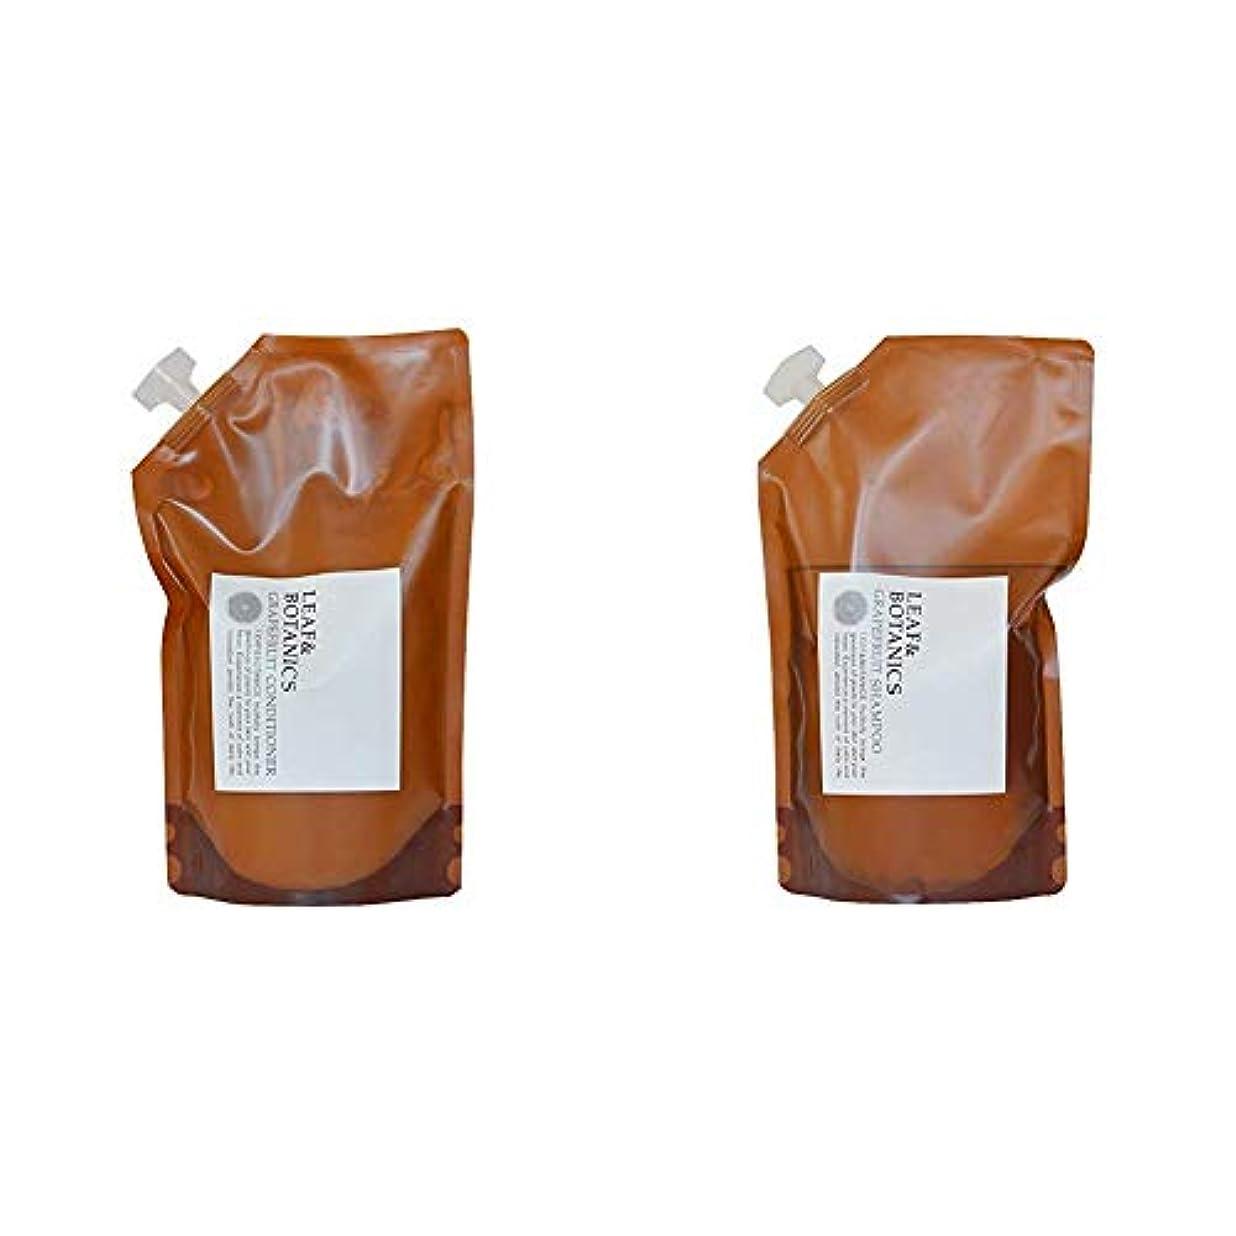 距離臨検知性リーフ&ボタニクス コンディショナー グレープフルーツ詰替用 900mL & シャンプー グレープフルーツ詰替用 900mL